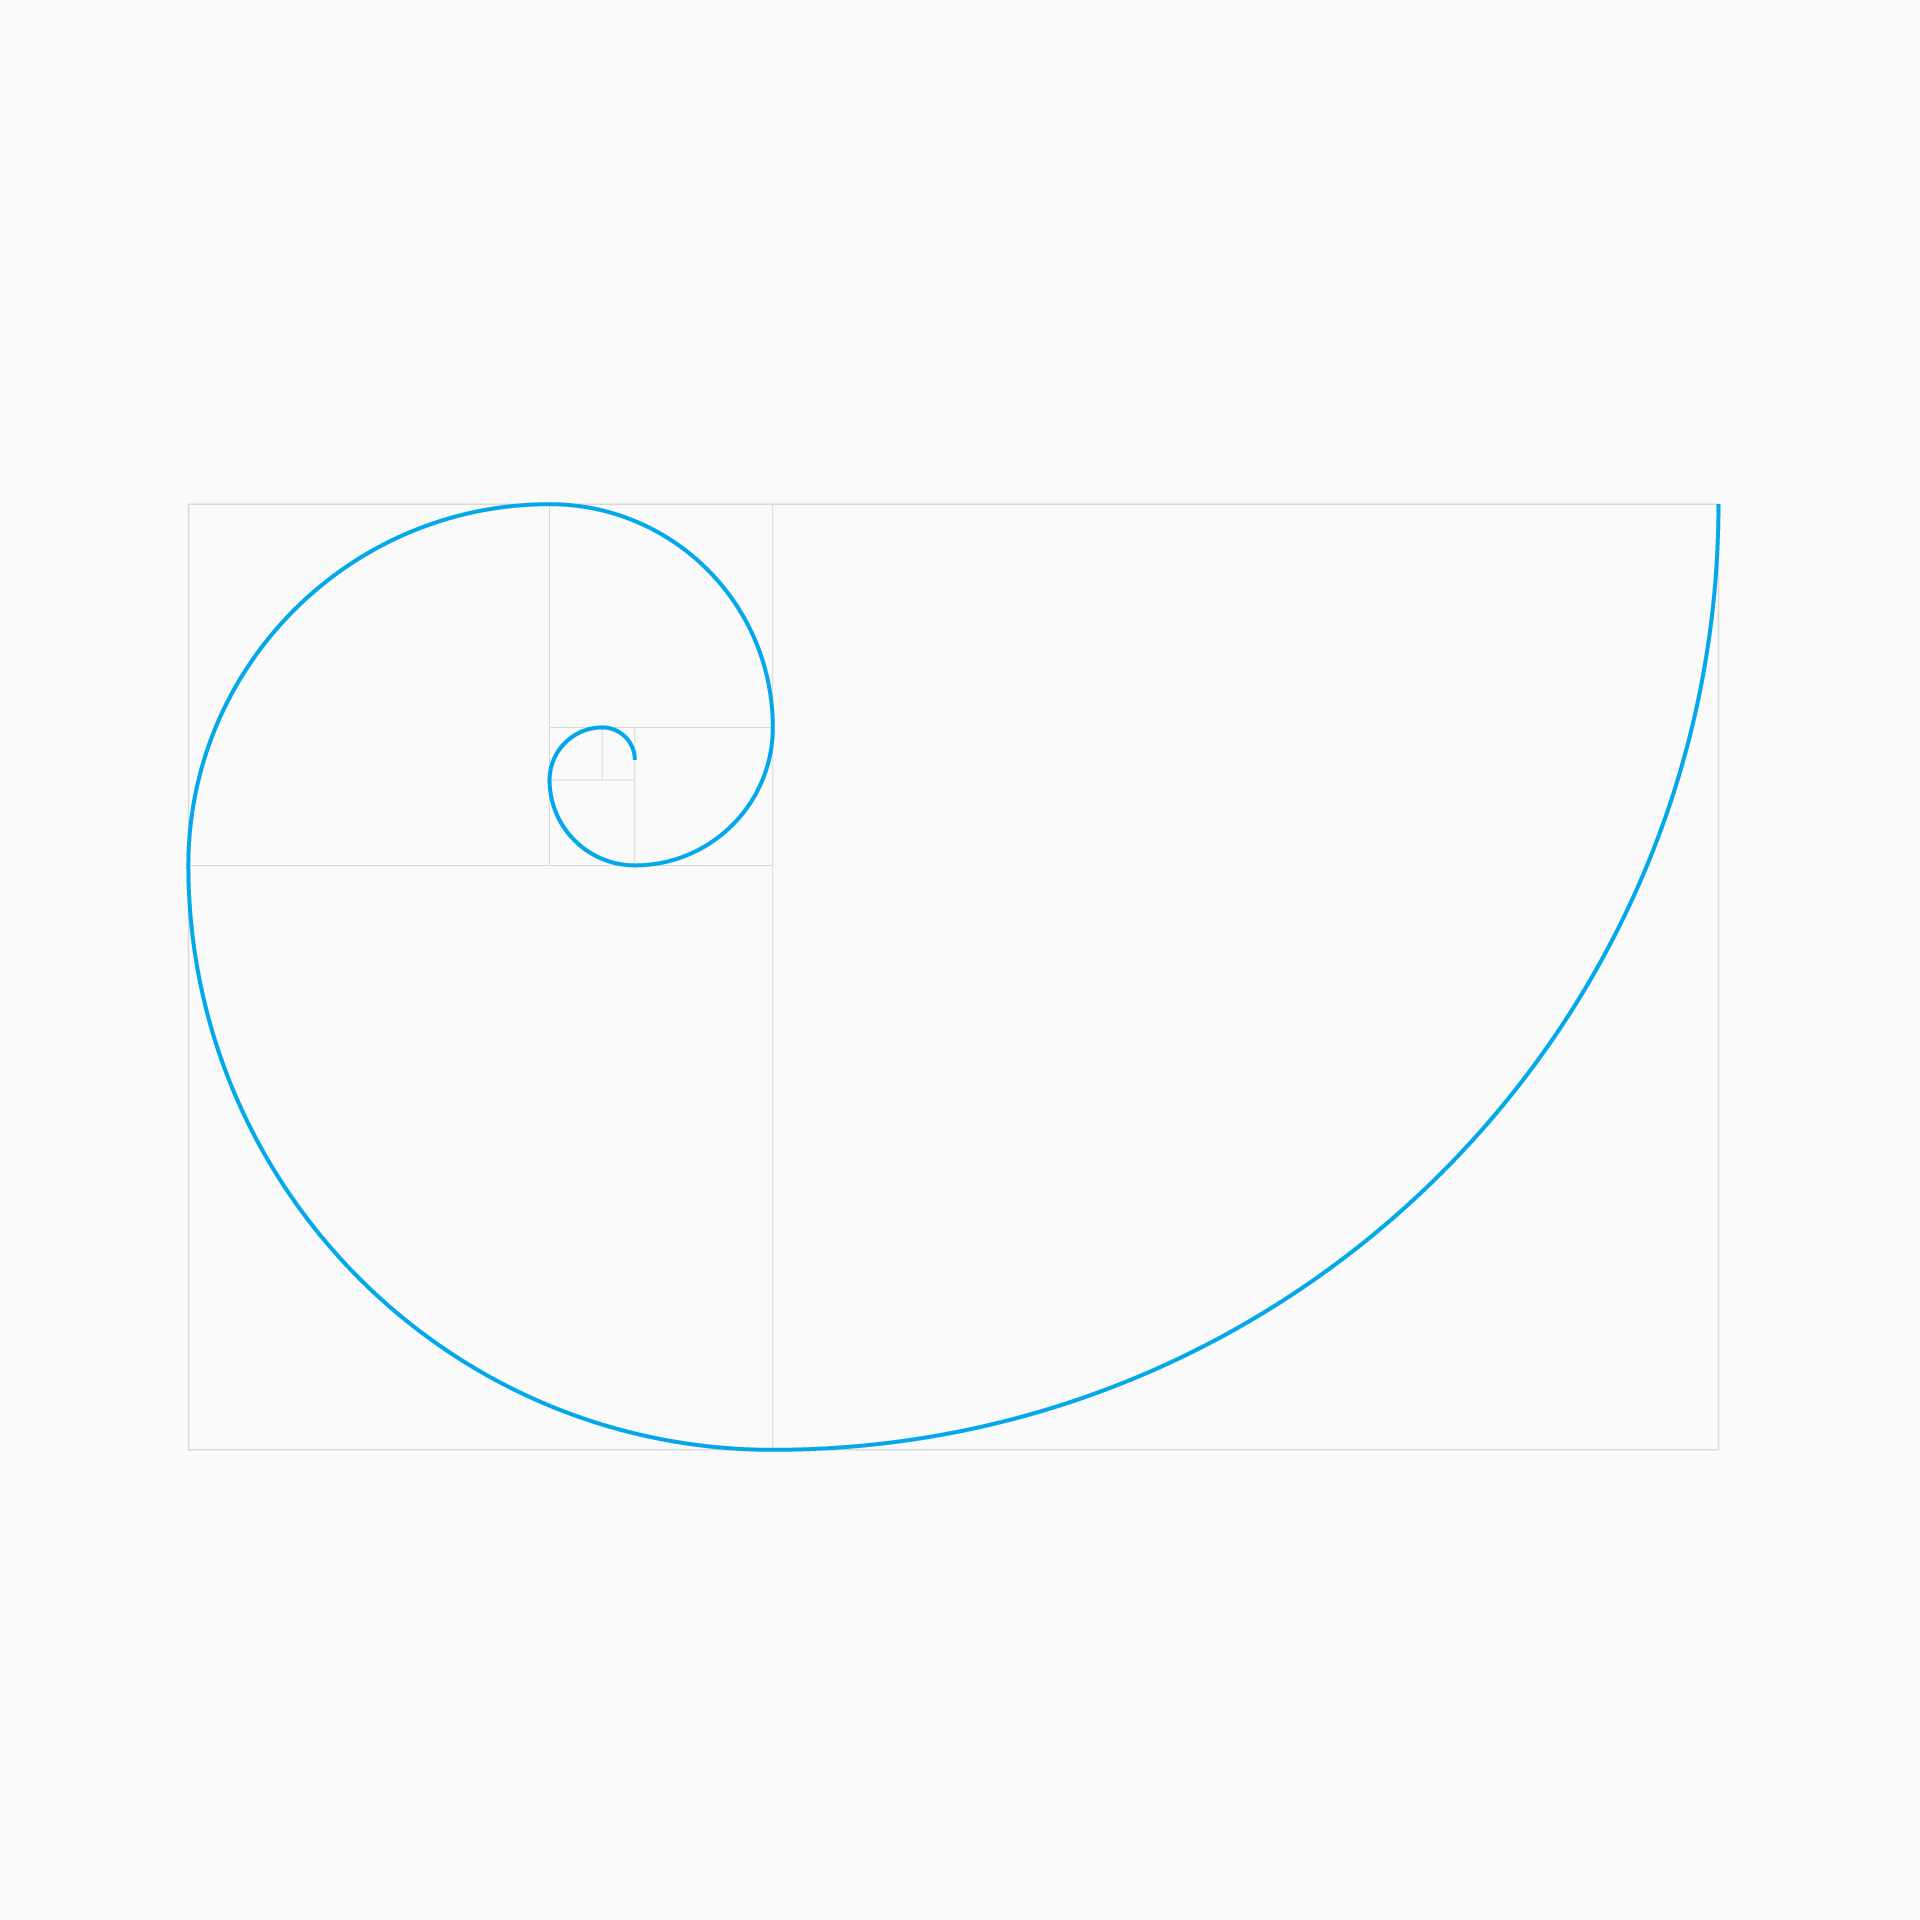 一般的な真円による黄金比率螺旋